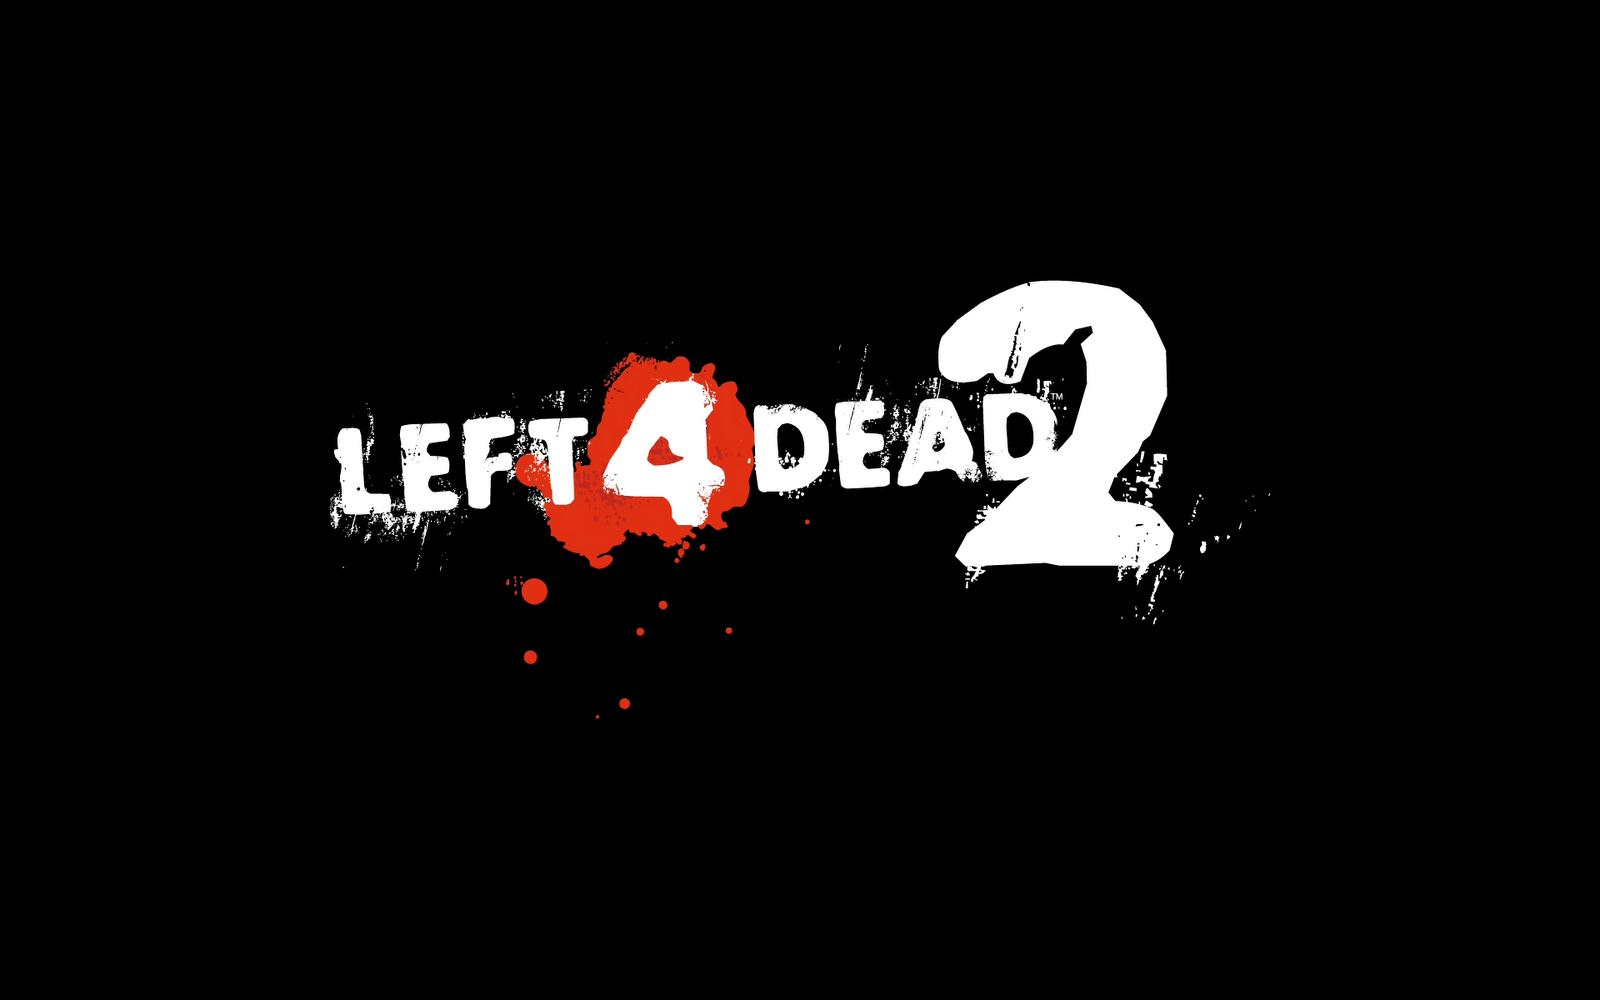 http://4.bp.blogspot.com/_o884AwHEp-I/TEuWWxarGUI/AAAAAAAAAKg/smEYYvW8XwA/s1600/l4d2_Left_4_dead_2_hd_wallpaper.png